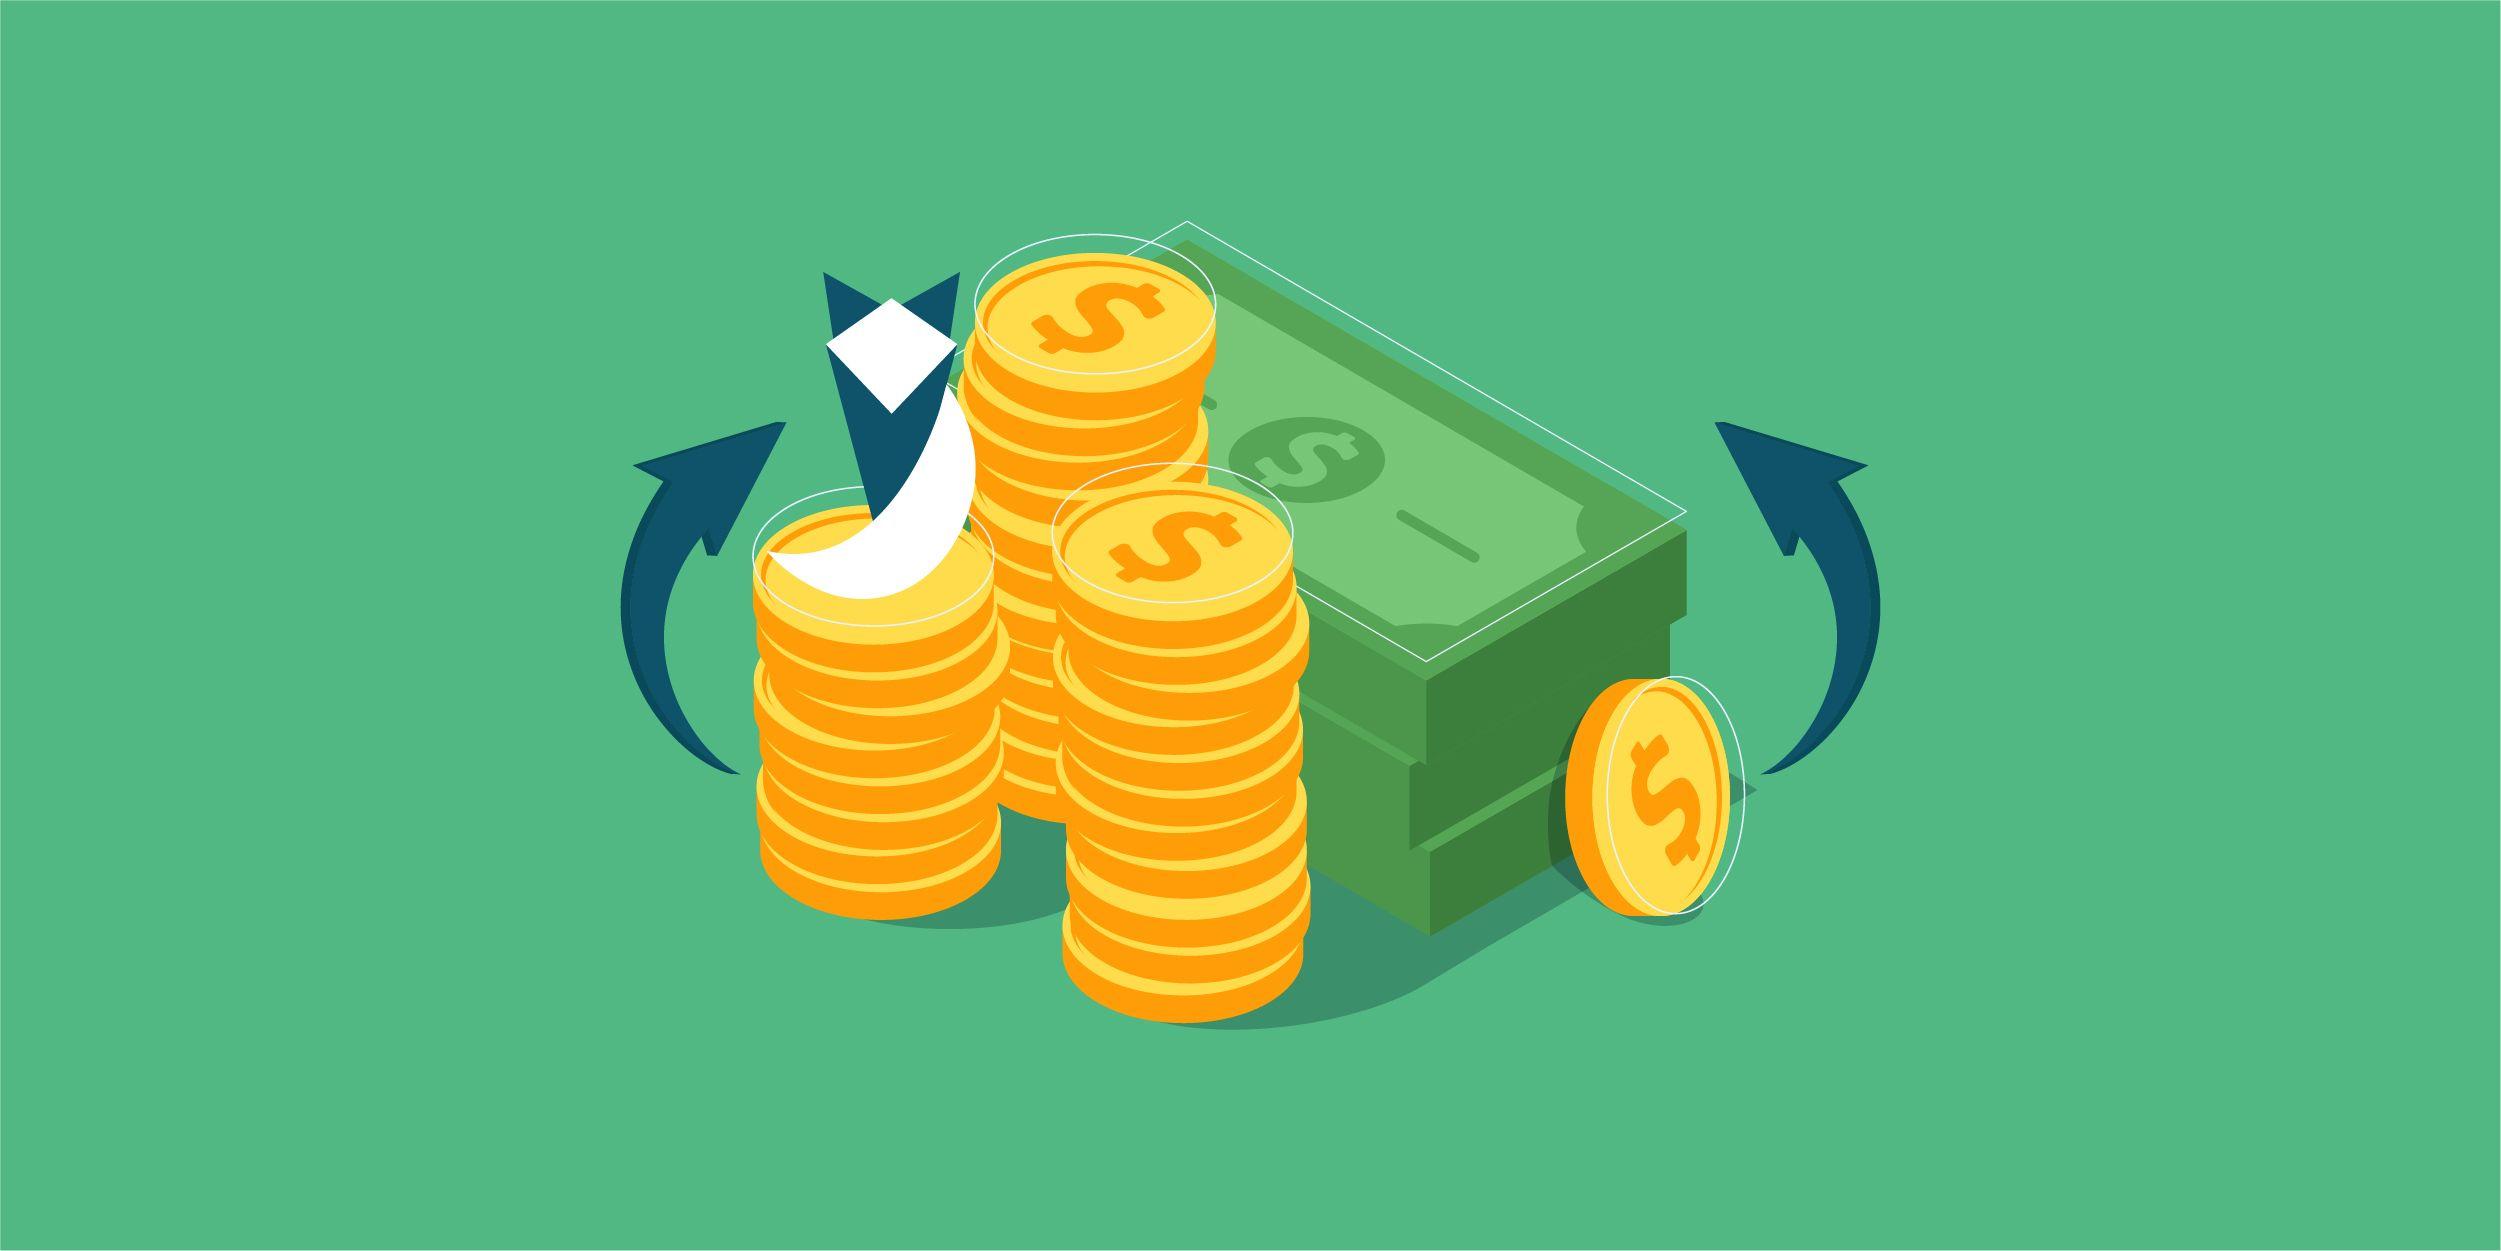 أسعار الدولار فى البنوك المصرية اليوم 7 سبتمبر 2021